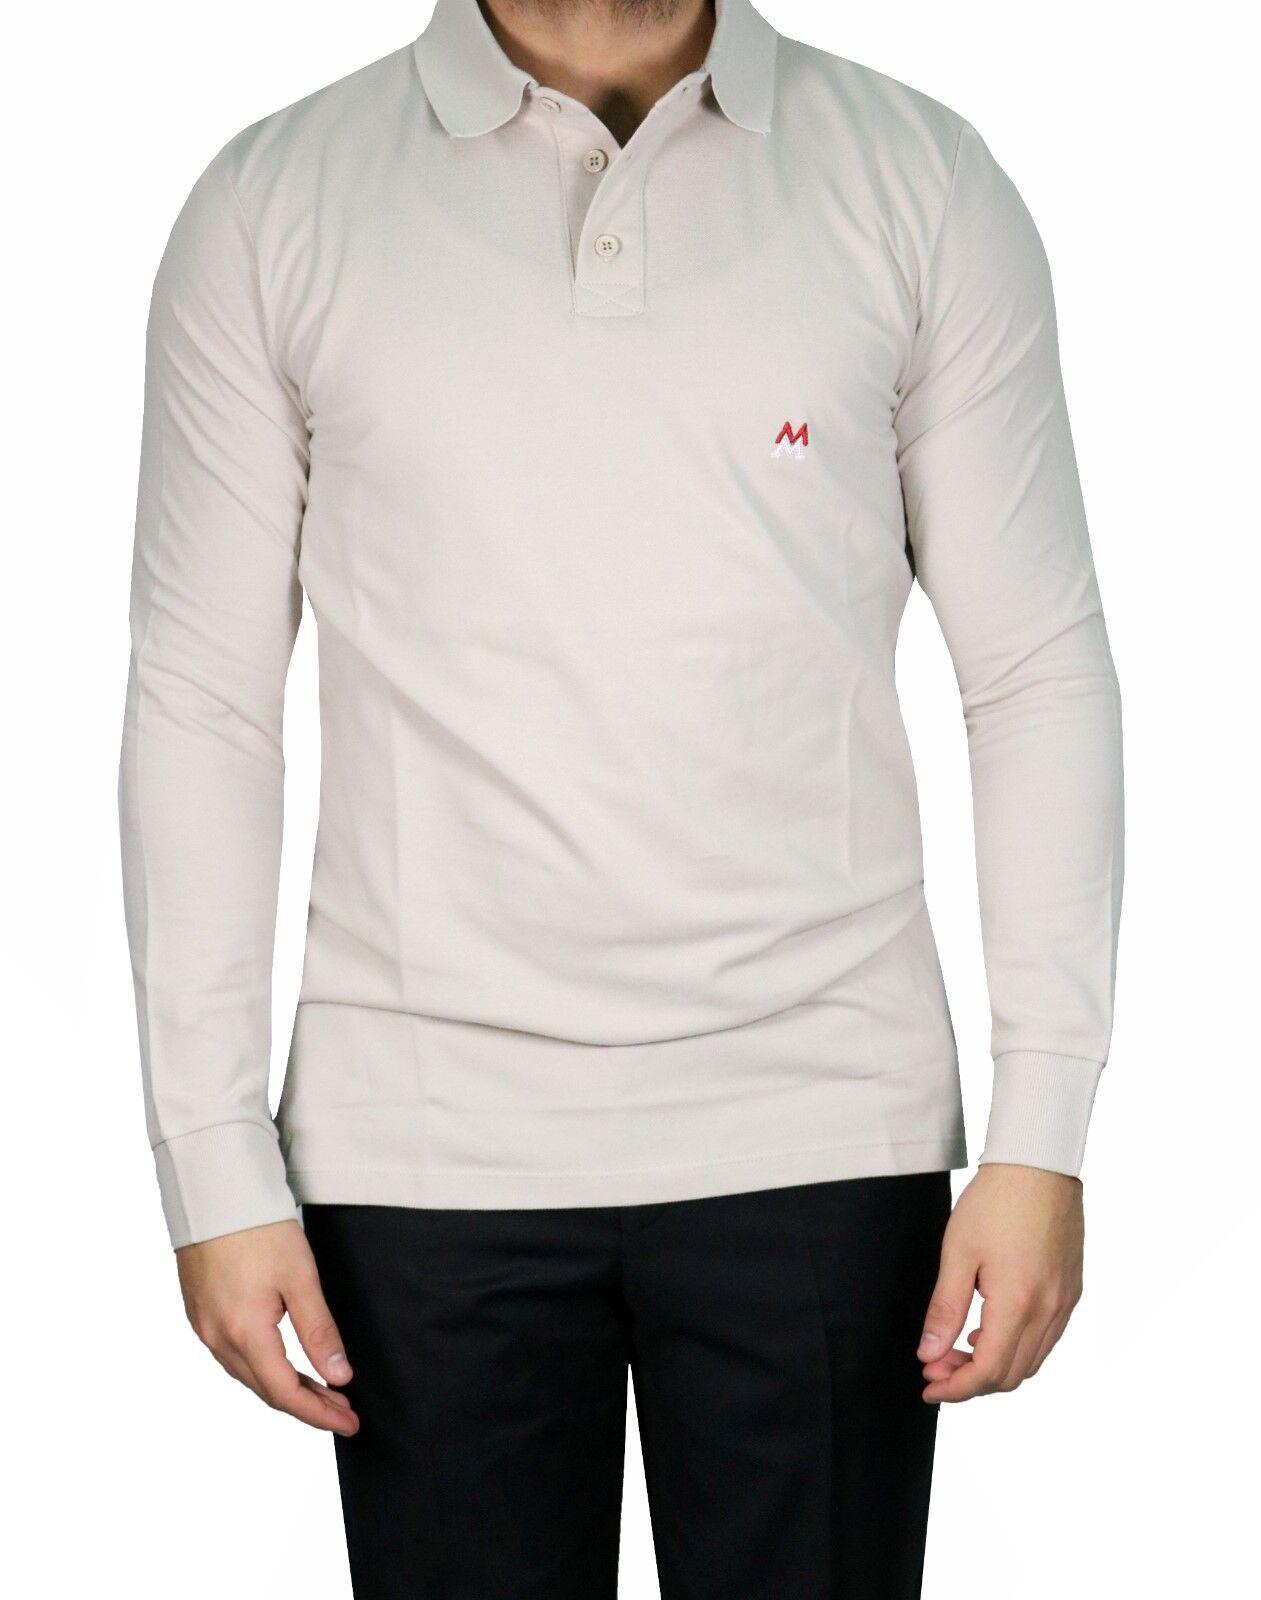 Lang Arm Arm Arm Herren Polo shirt Gr.S Beige   Qualität Produkte    Vorzugspreis  2156b2